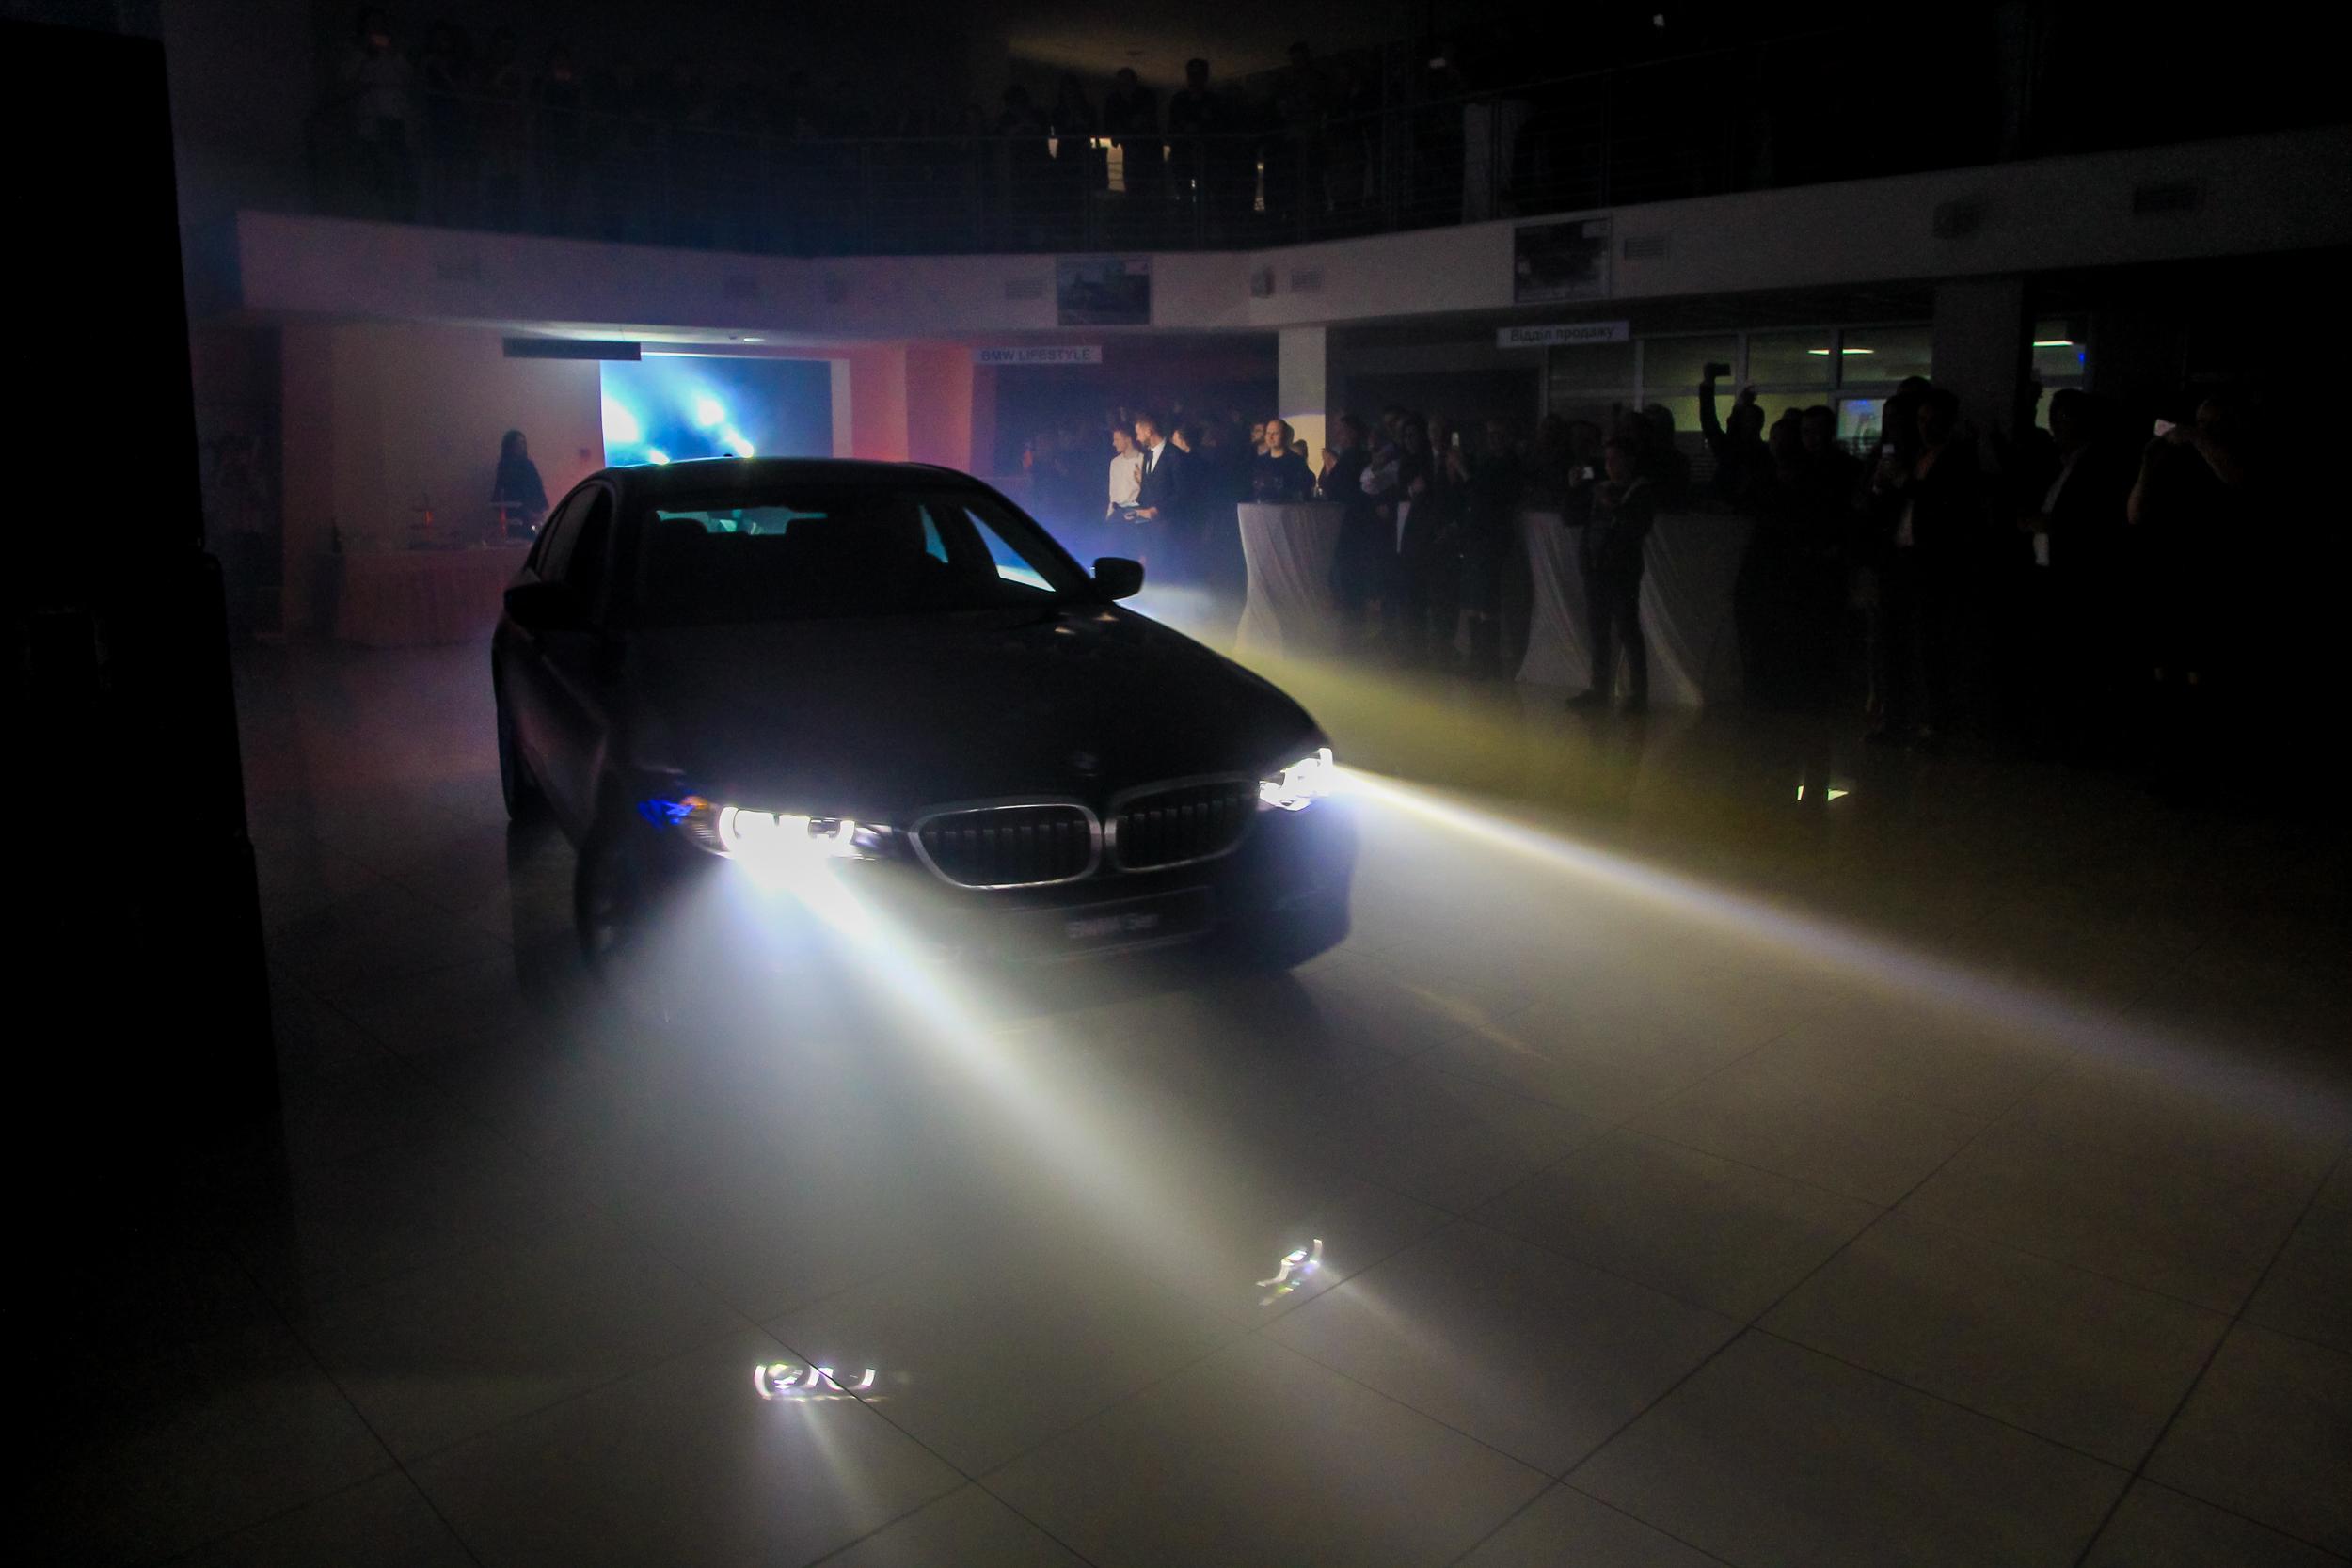 Торжественный заезд BMW 5-Серии в зал под аплодисменты гостей